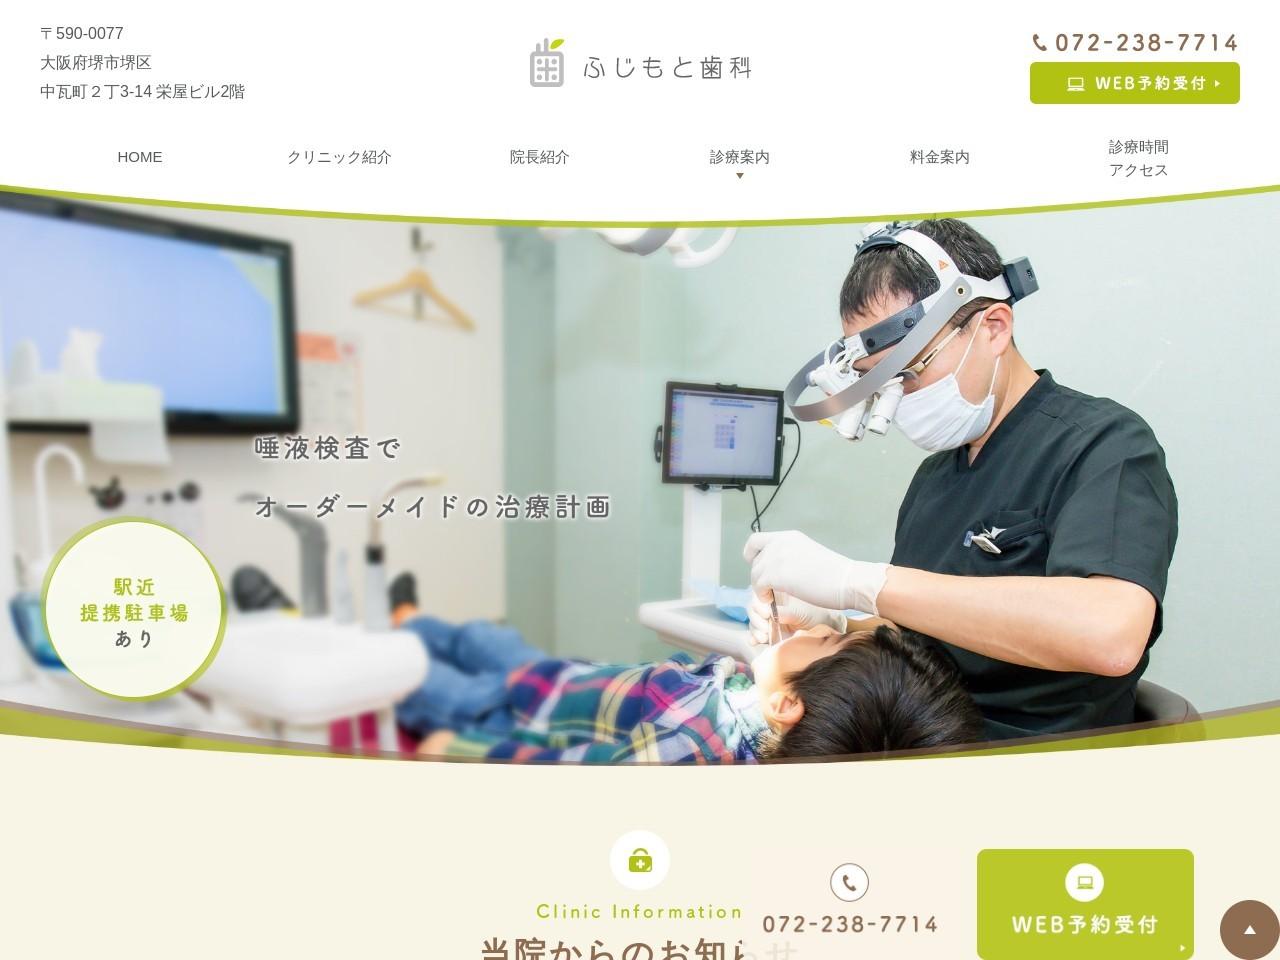 ふじもと歯科クリニック (大阪府堺市堺区)